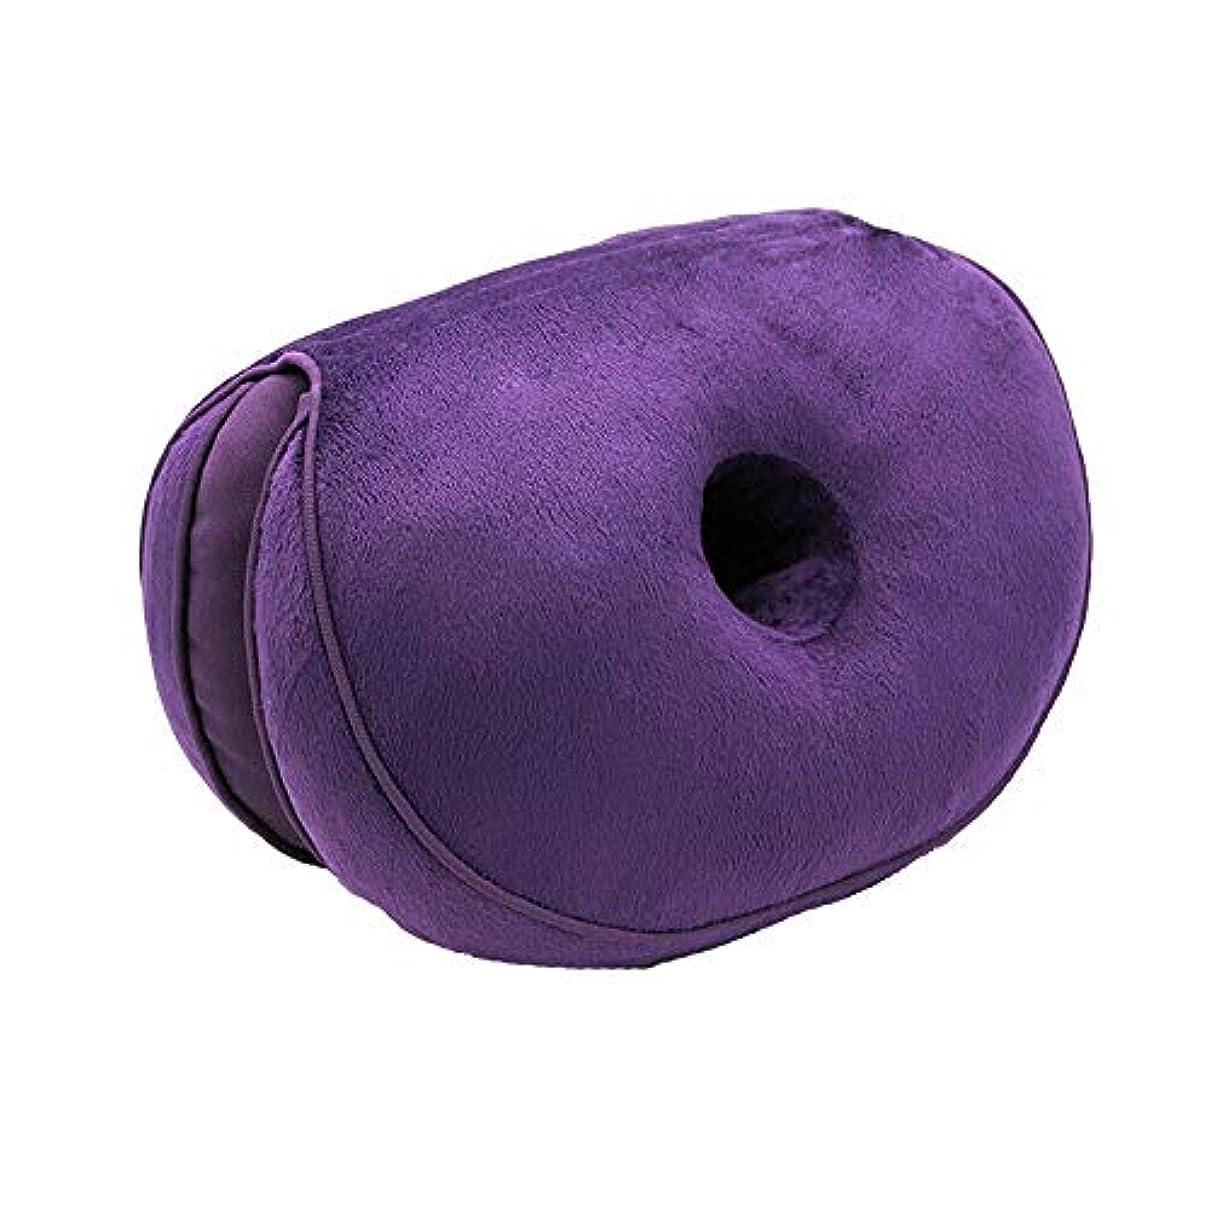 地震したがってお祝いLIFE 新デュアルシートクッション低反発ラテックスオフィスチェアバックシートクッション快適な臀部マットパッド枕旅行枕女性女の子 クッション 椅子